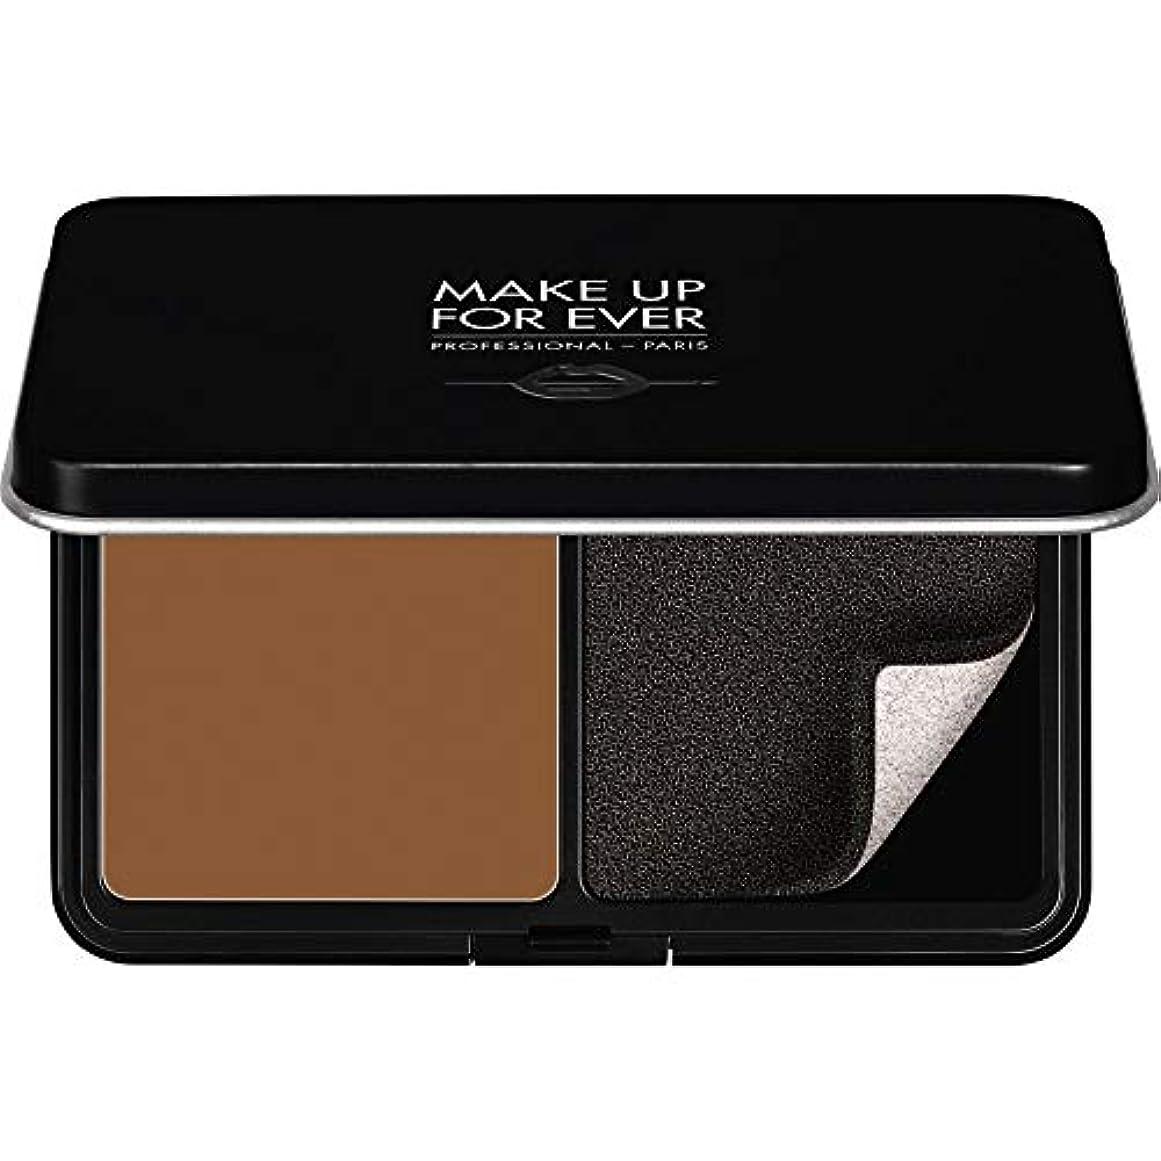 宗教抜け目のないイヤホン[MAKE UP FOR EVER] パウダーファンデーション11GののR530をぼかし、これまでマットベルベットの肌を補う - ブラウン - MAKE UP FOR EVER Matte Velvet Skin Blurring Powder Foundation 11g R530 - Brown [並行輸入品]